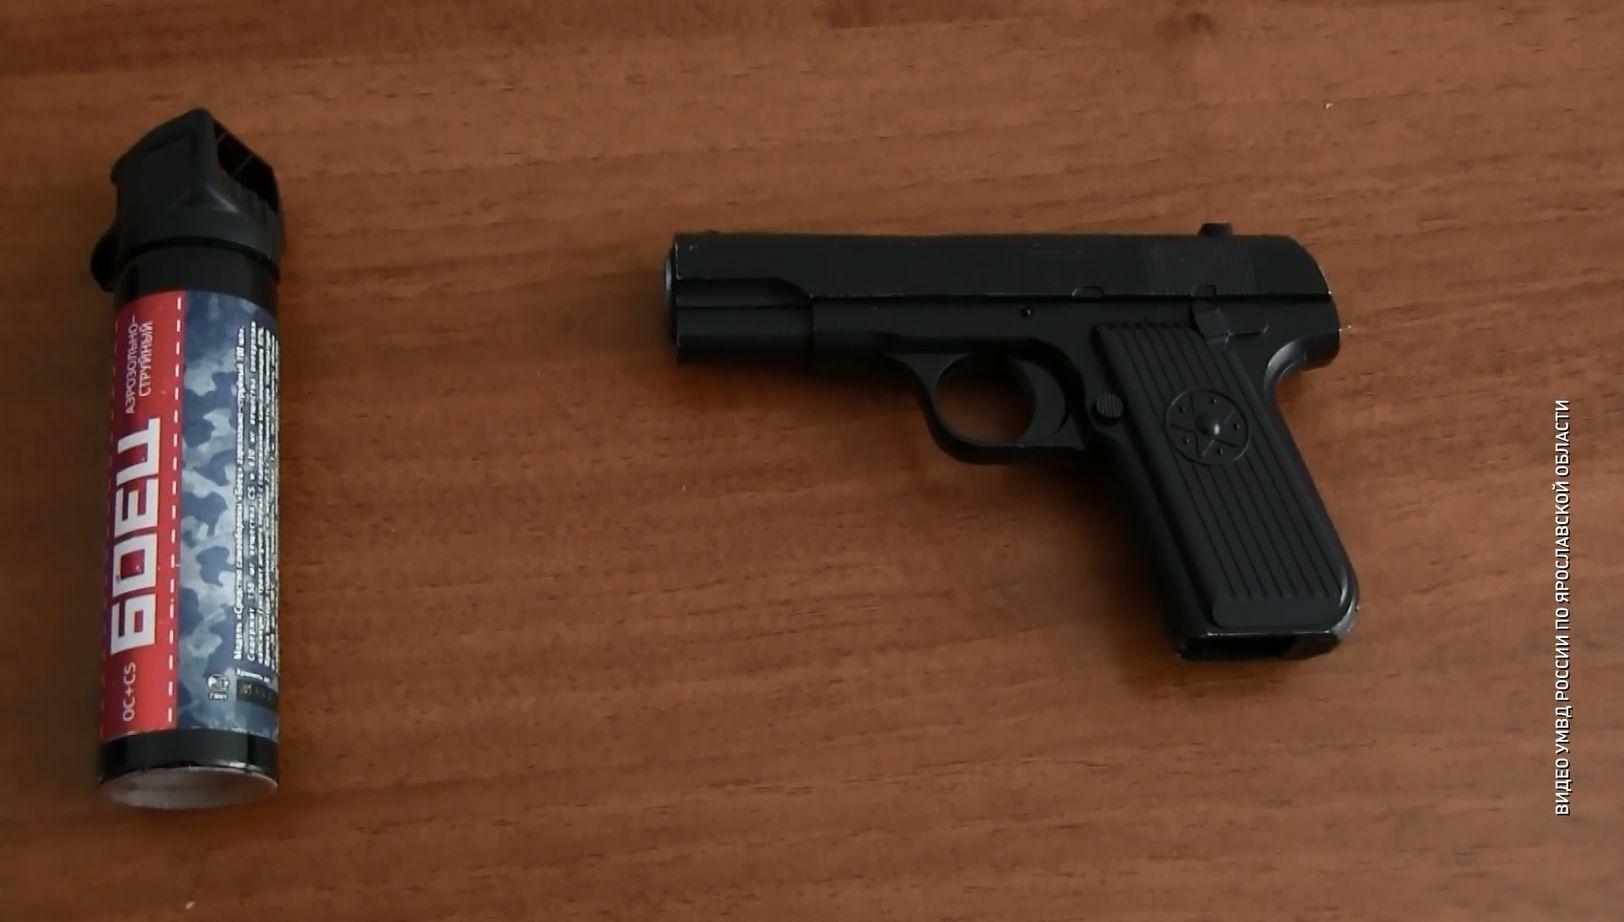 Ярославец угрожал молодой женщине в кафе игрушечным пистолетом